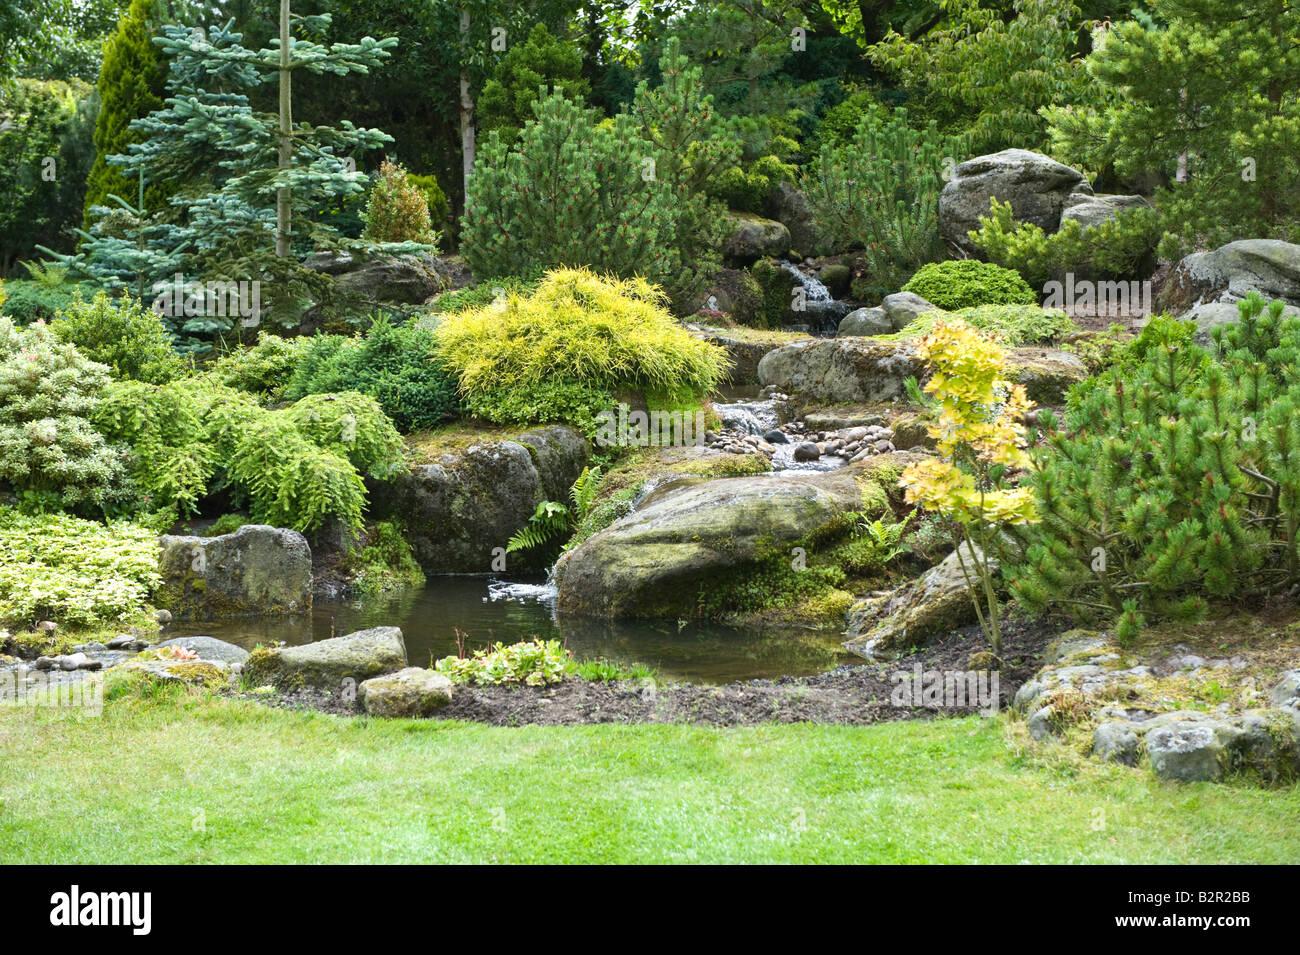 Steingarten mit Teich, Wasserfall, Sträuchern und Bäumen im Garten ...